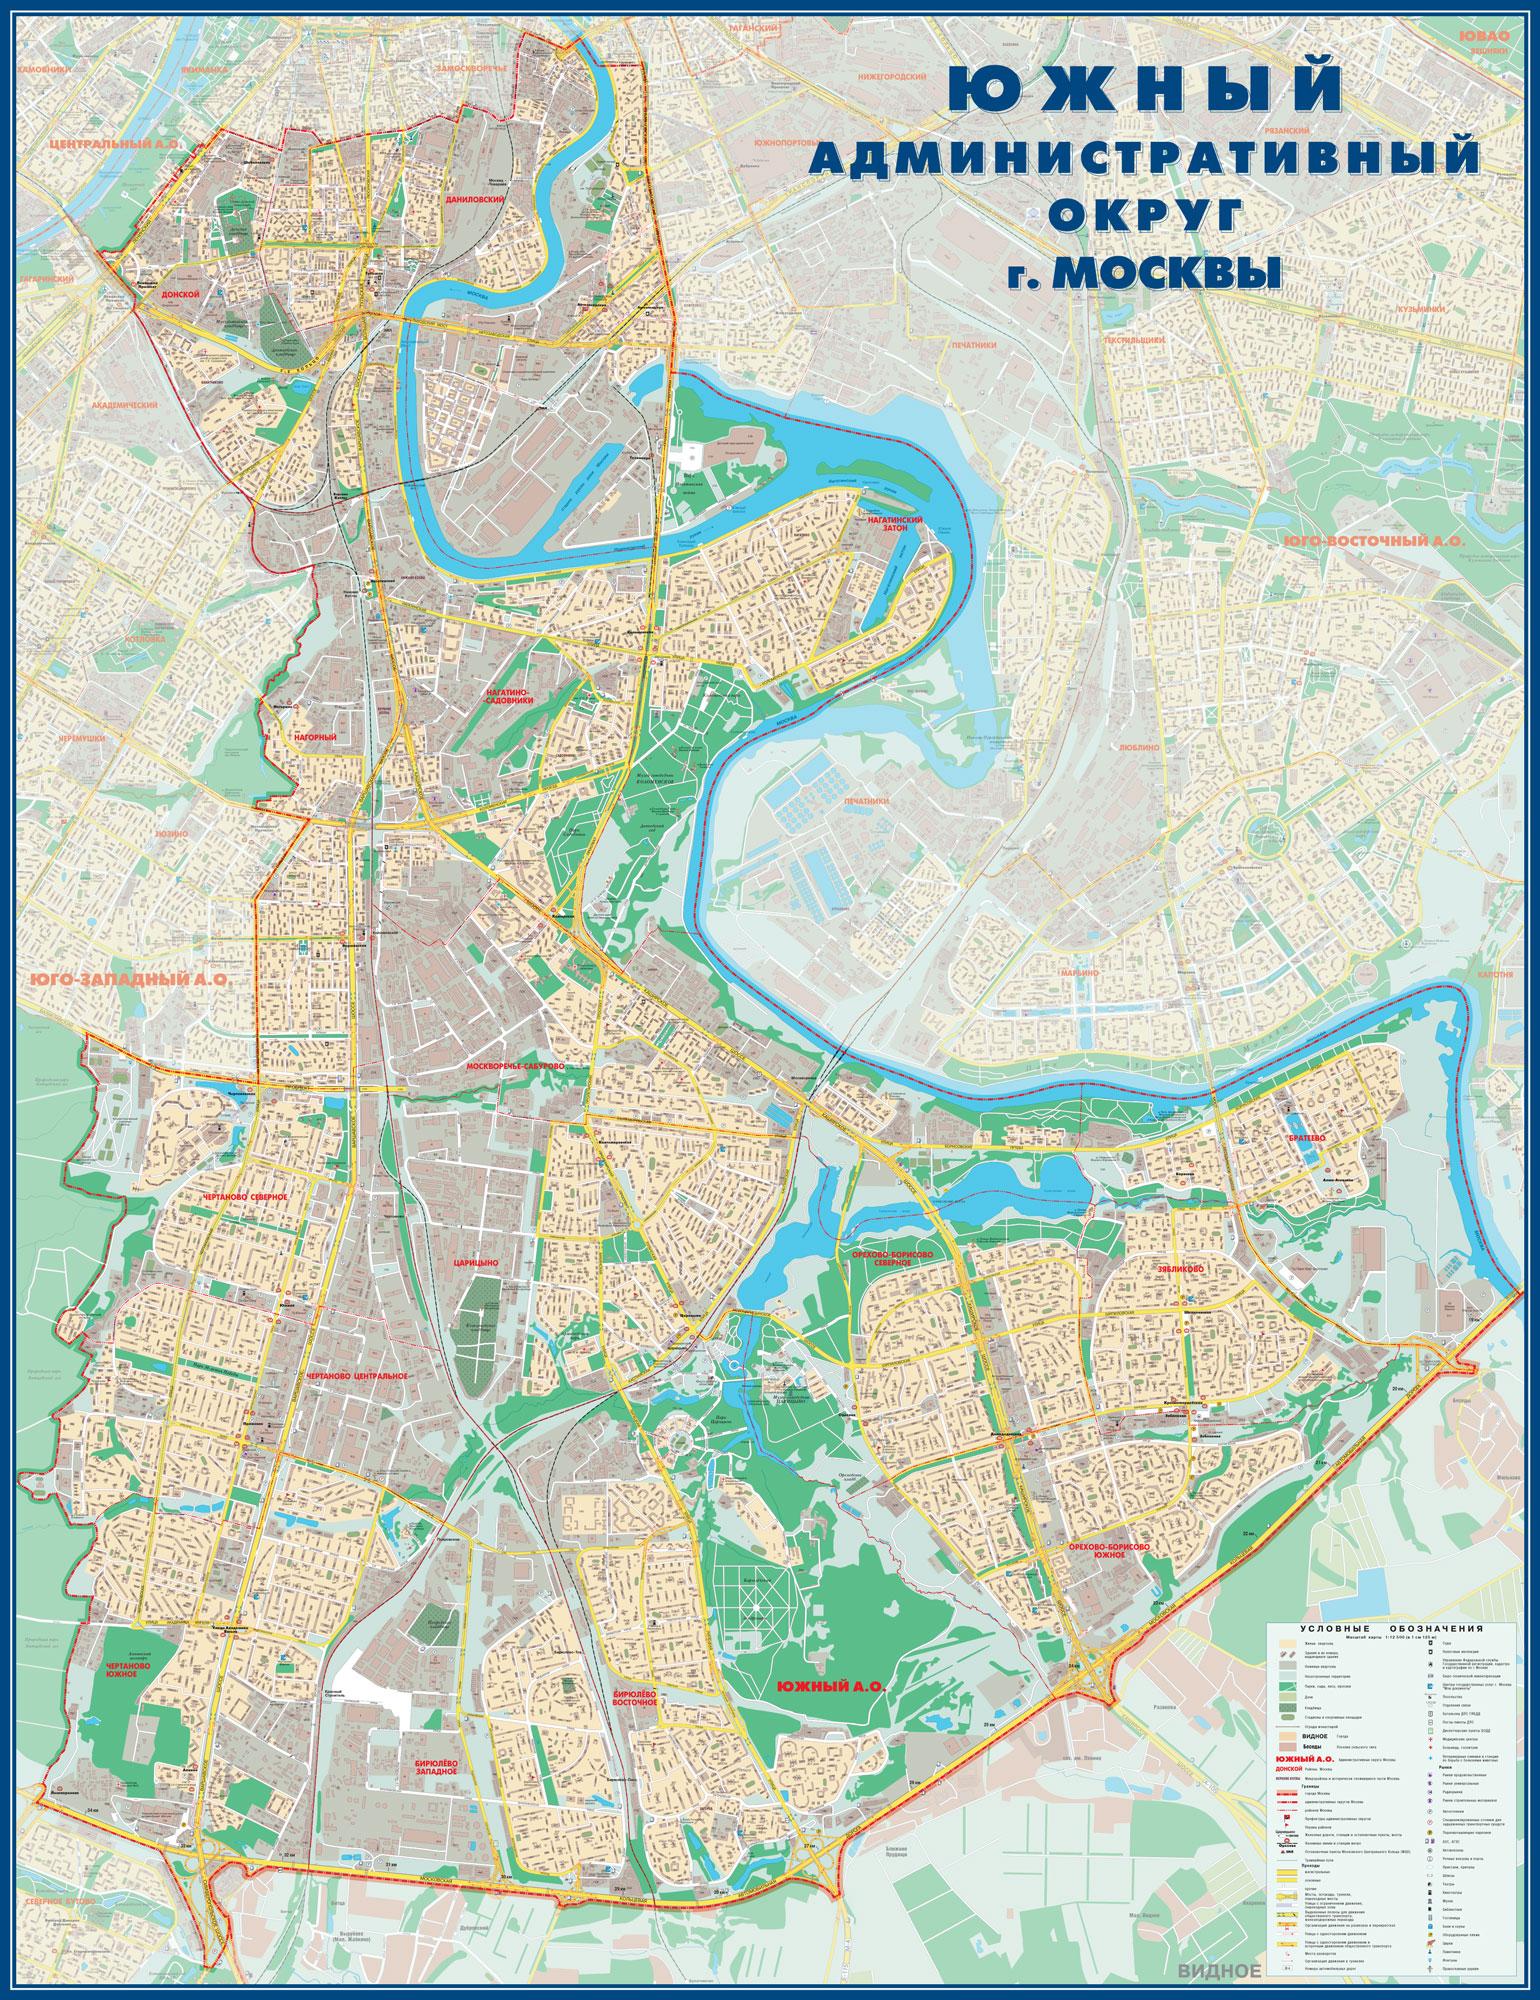 Настенная карта Южного административного округа Москвы. ЮАО размер 1,16х1,50 м. выполняется на заказ